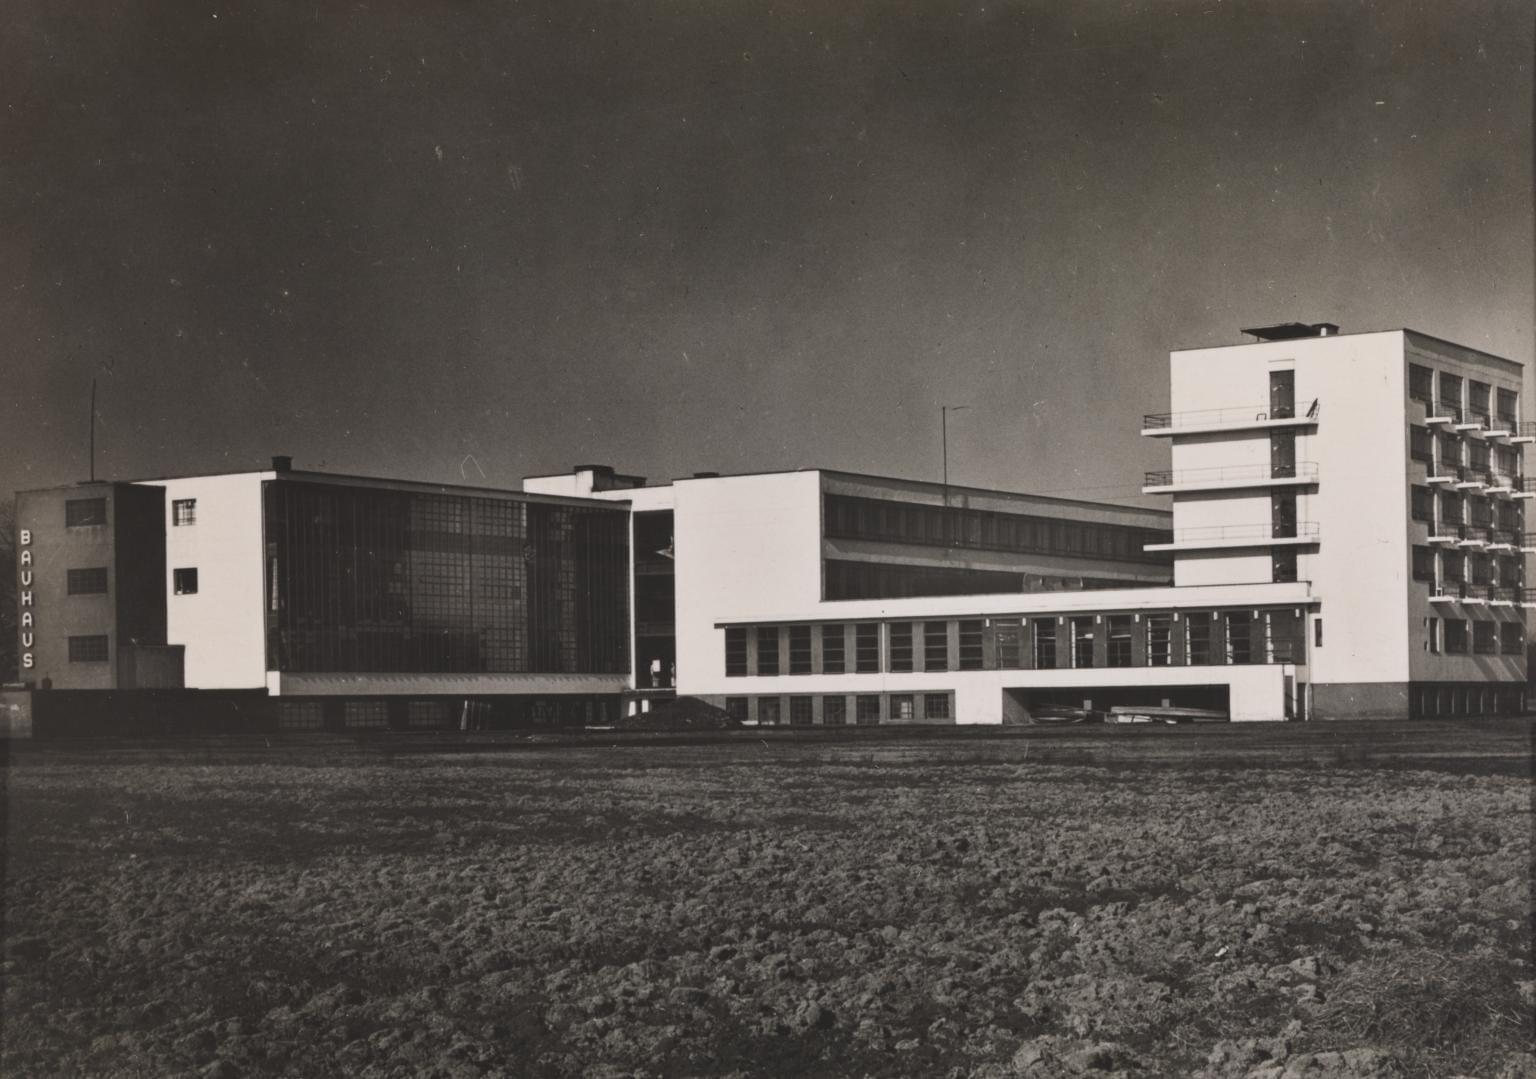 Bauhaus building, dessau 1925 lucia moholy